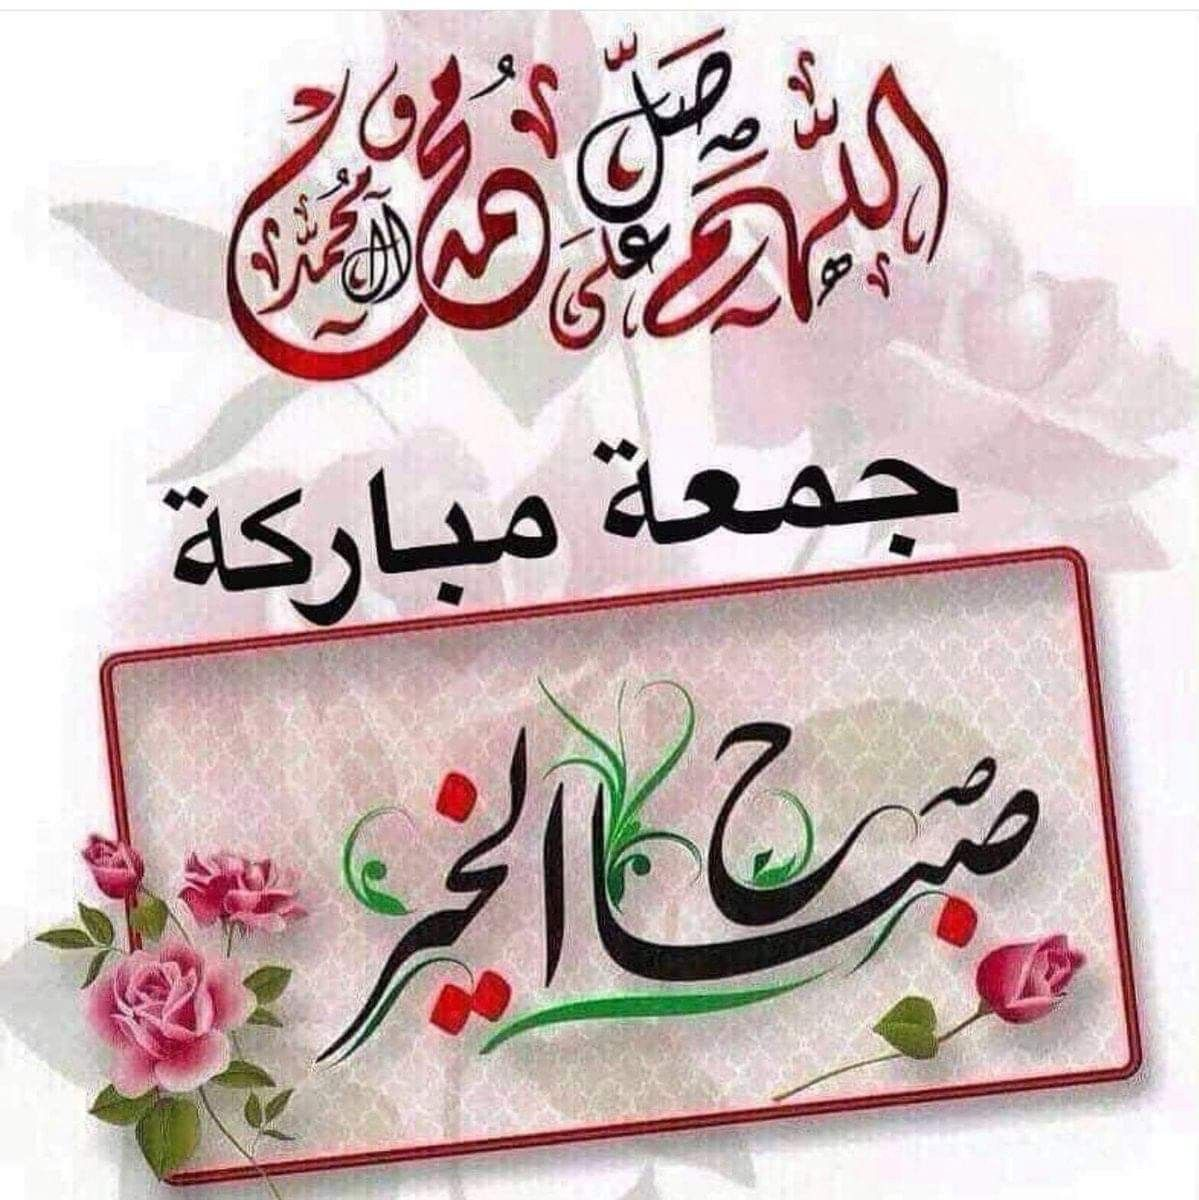 إنها صباح الجمعة الأخيره من شعبان يا رب إجعل لنا نصيبا من الرحمة والمغفرة والفرج والسعادة والرزق و الهدا Islamic Posters Digital Flowers Jumma Mubarak Images